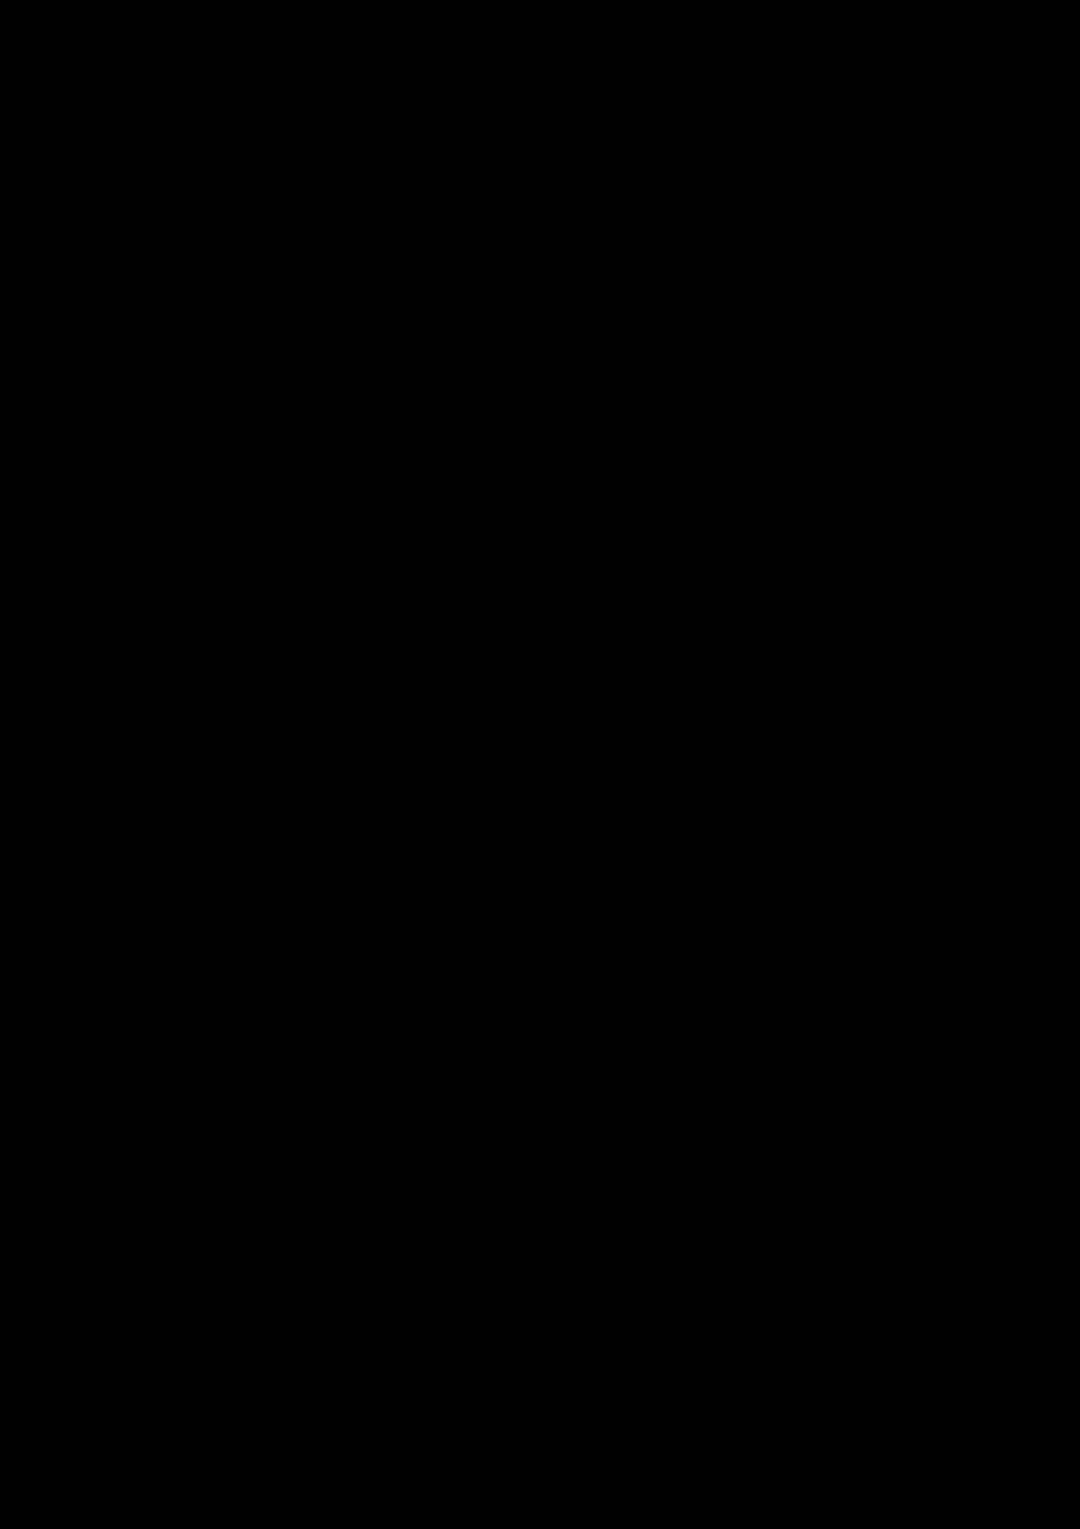 【寝取られフルカラーエロ漫画】美怜とイク男にお風呂場に連れて行かれたユイナは、寝取られセックスでアクメさせられる【赤本】